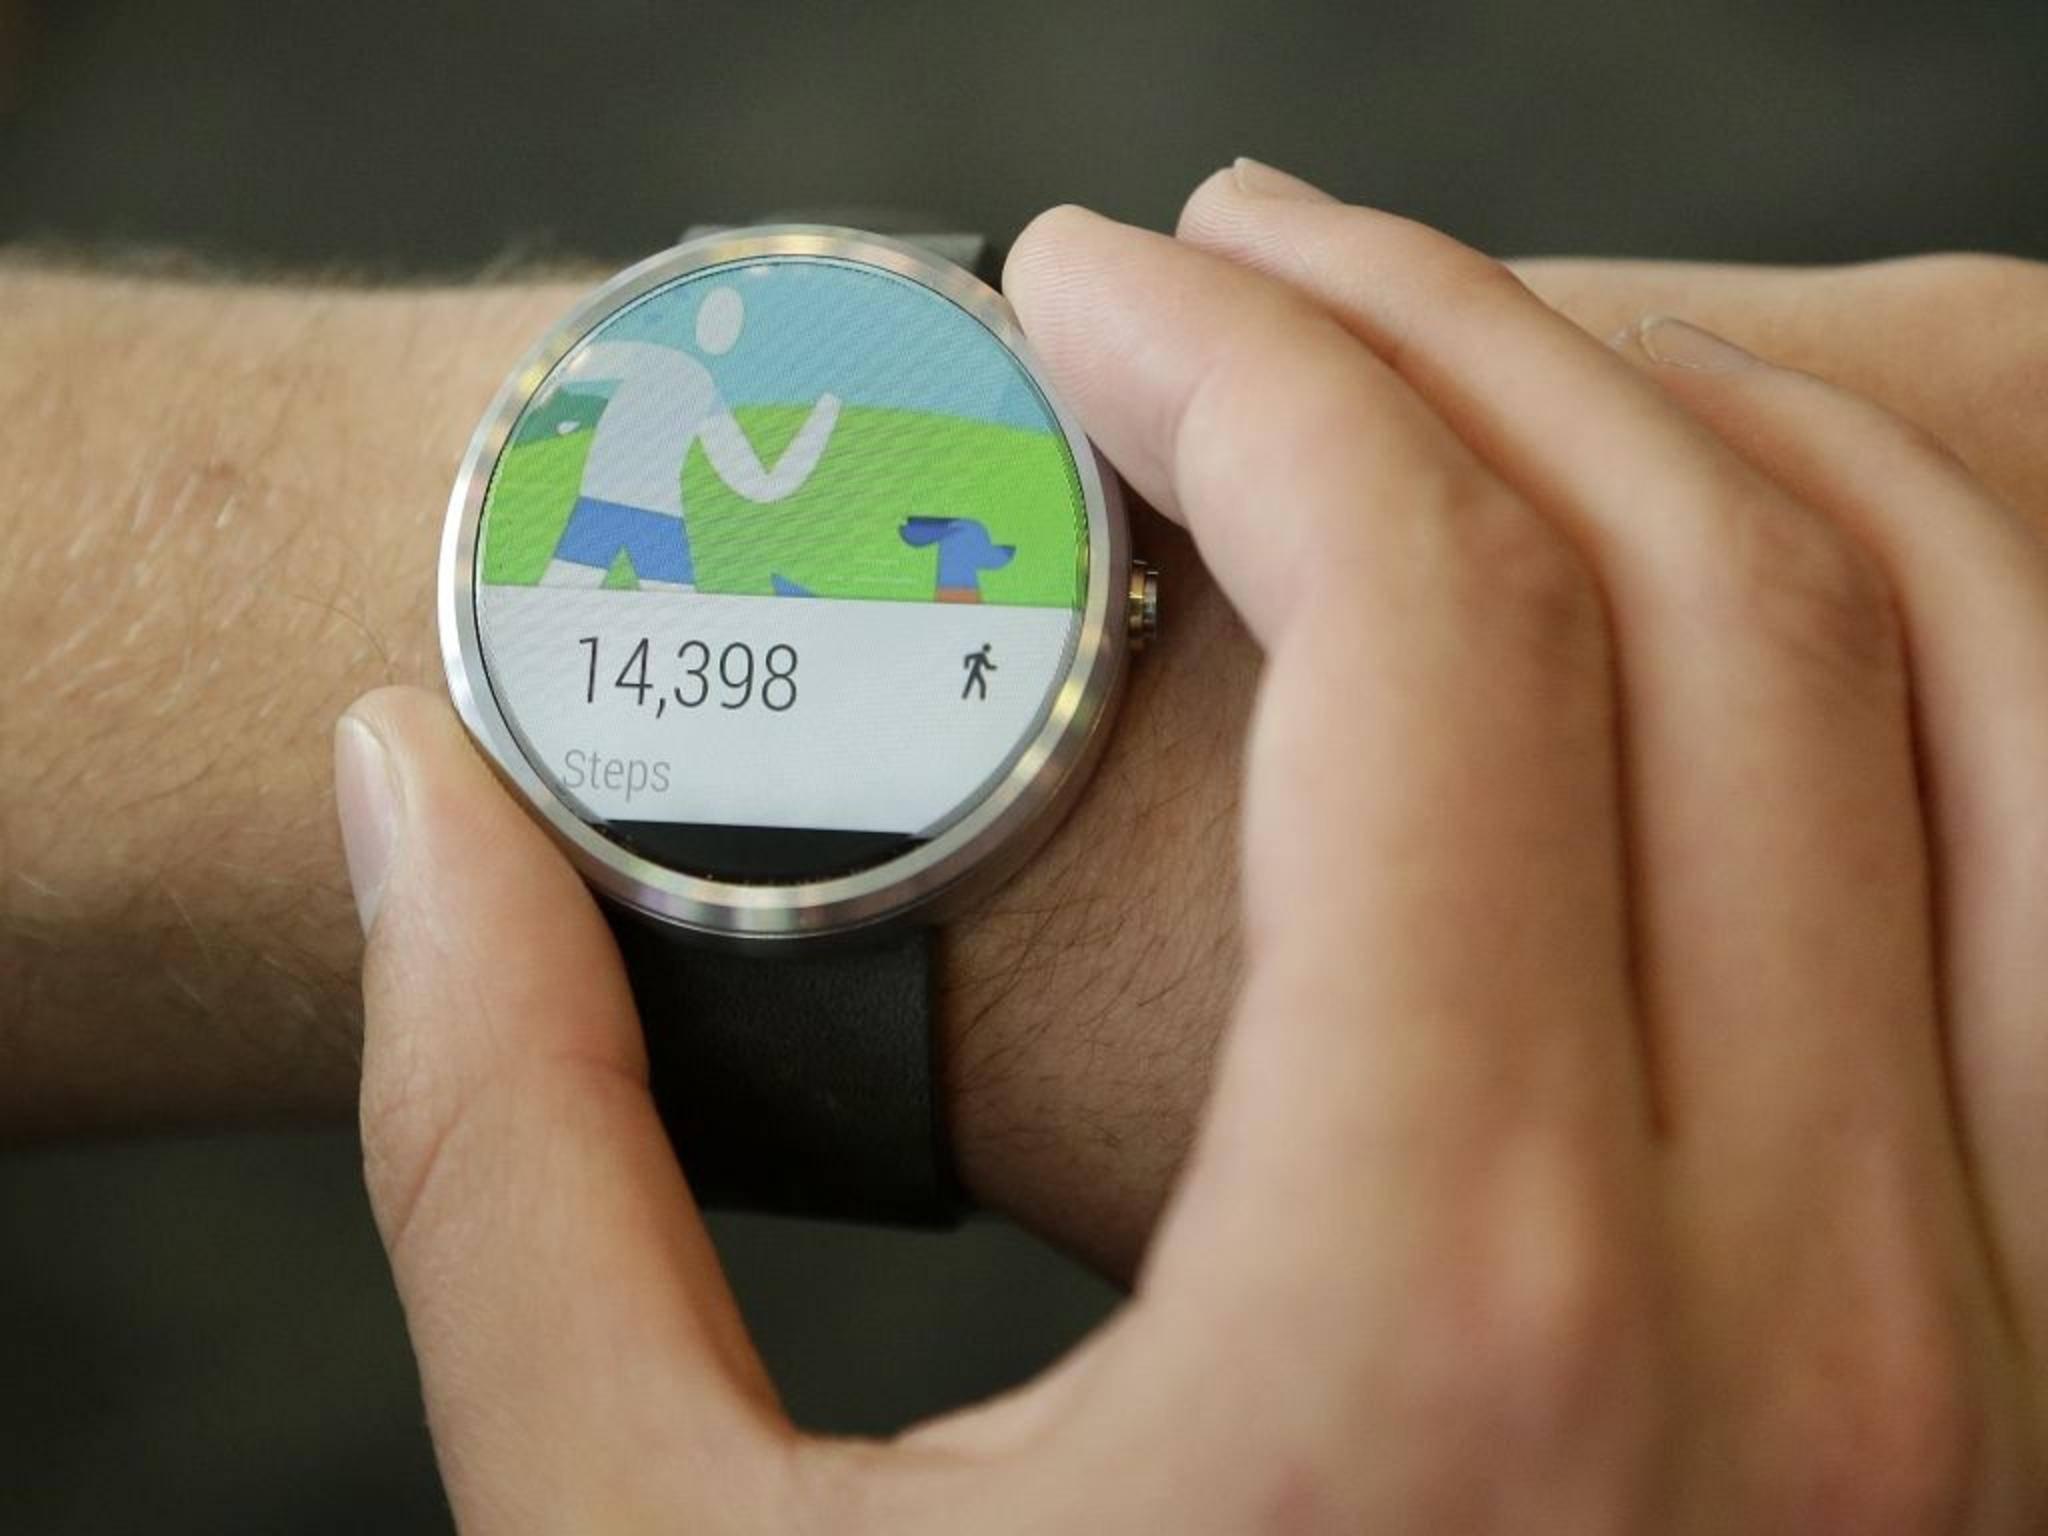 Auch die neue Smartwatch von Fossil wird wie die Moto 360 (Bild) das Flat-Tire-Design haben.